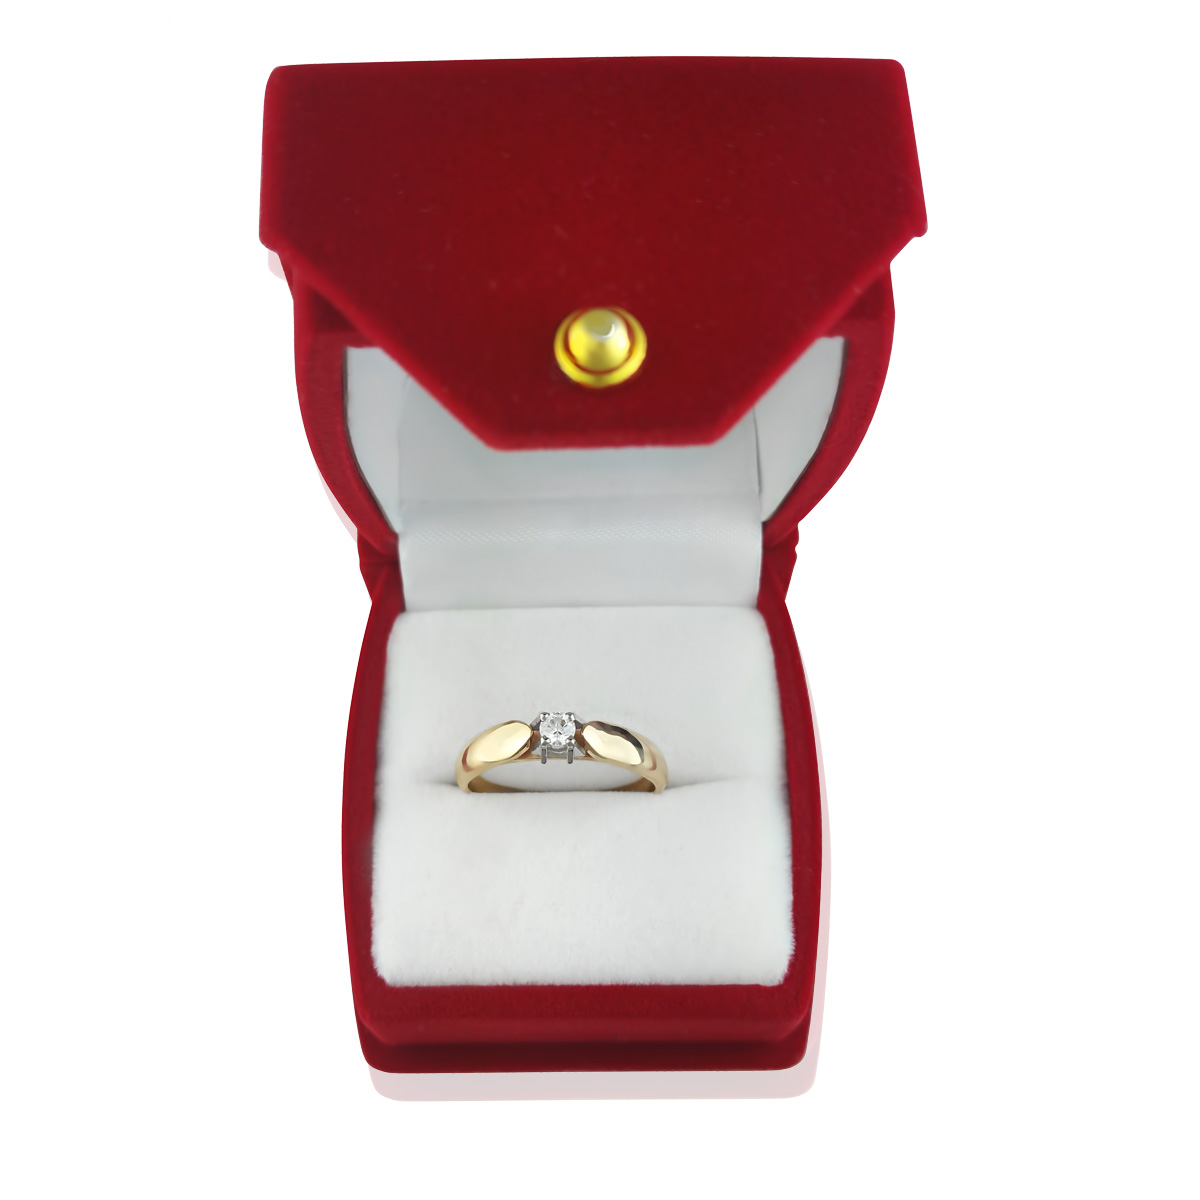 Золотое кольцо на помолвку с бриллиантом 0,10 Ct «Луиза»